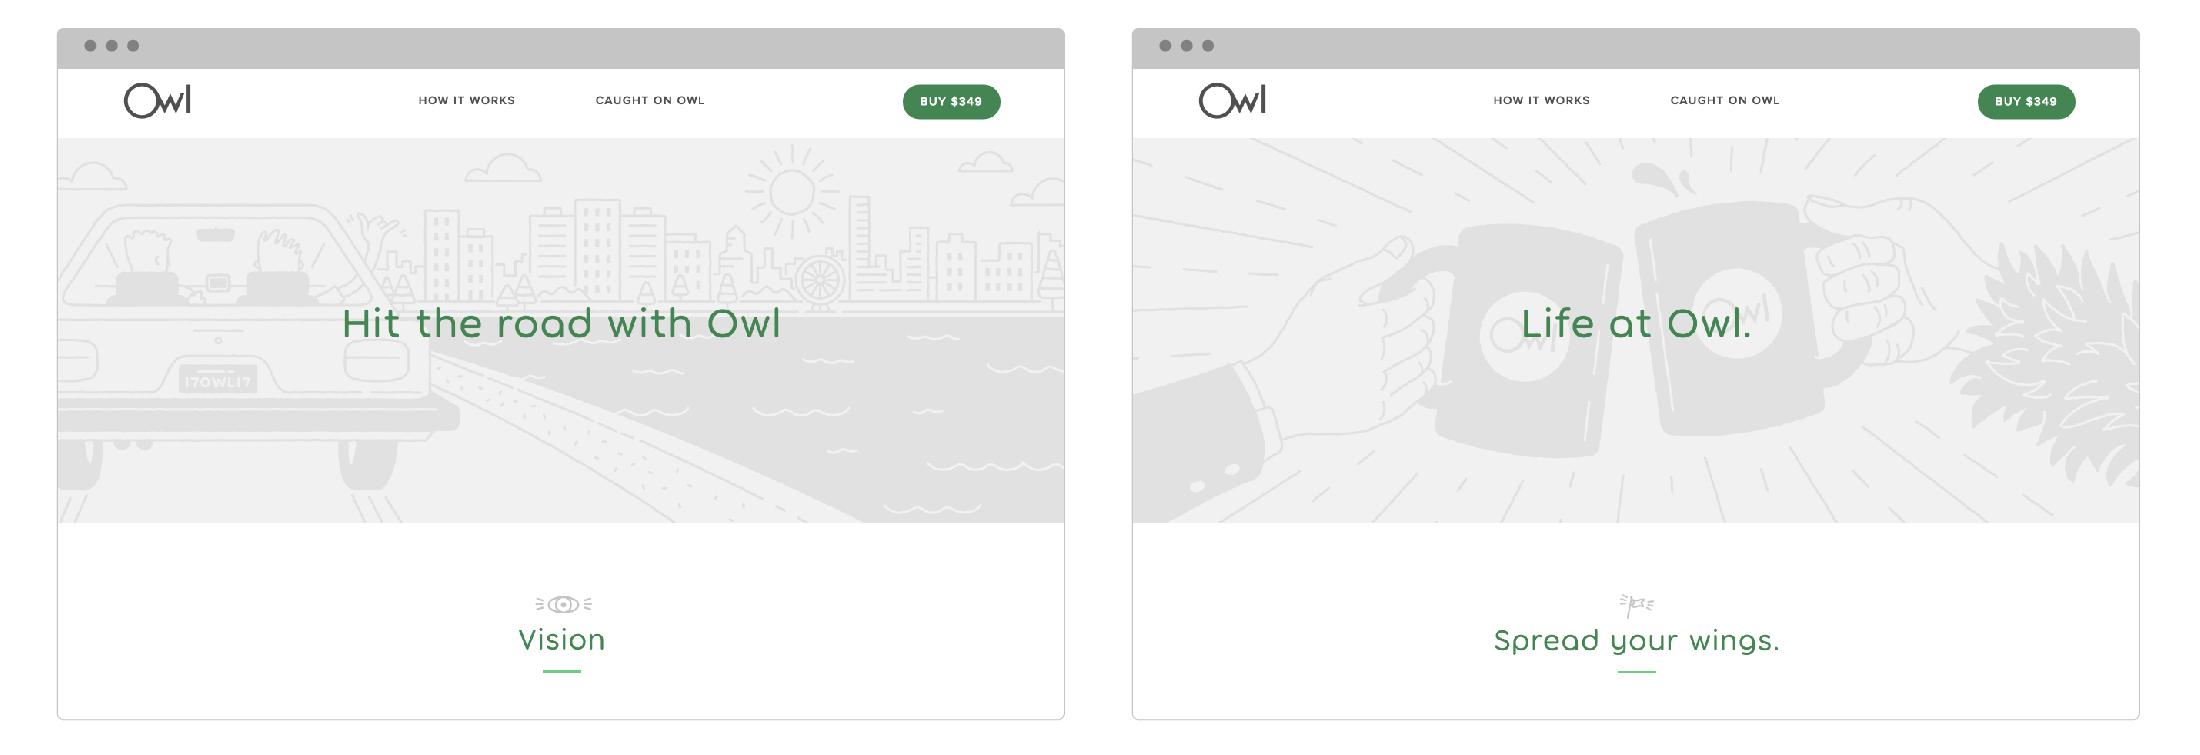 Owl_Web_3.jpg